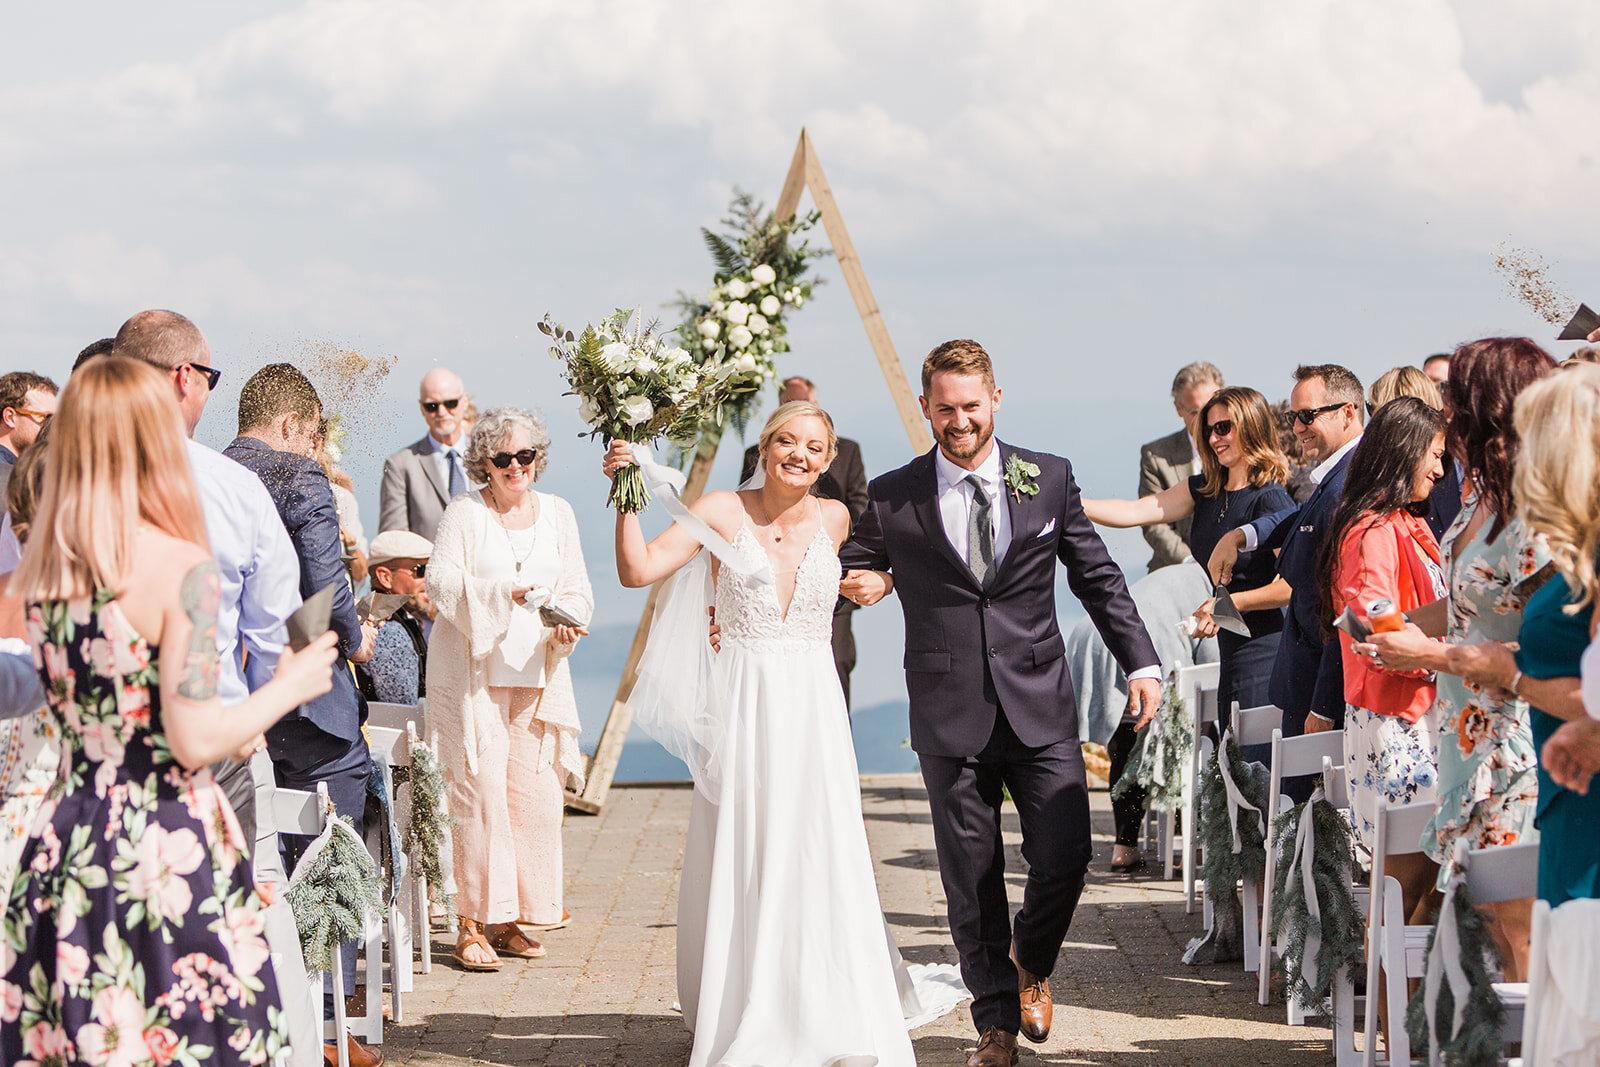 spokane bride and groom schweitzer wedding ceremony